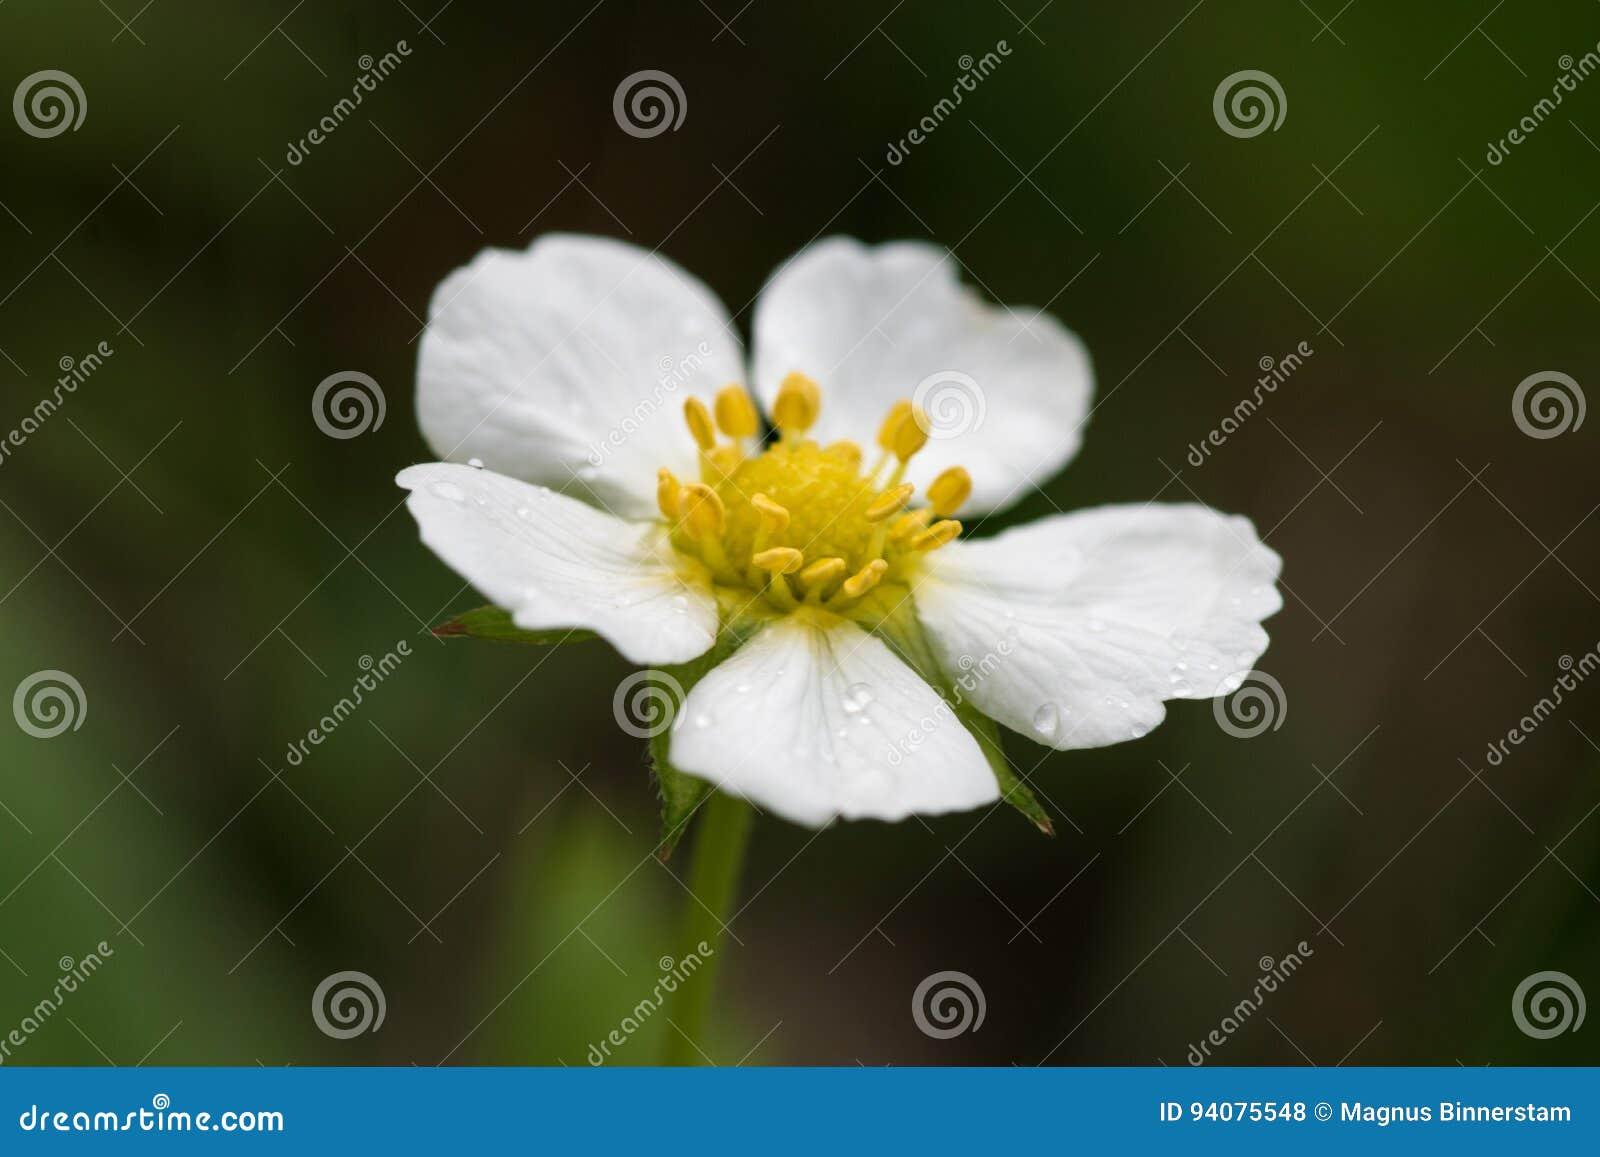 Fleur De Fraisier Commun Photo Stock Image Du Macro 94075548